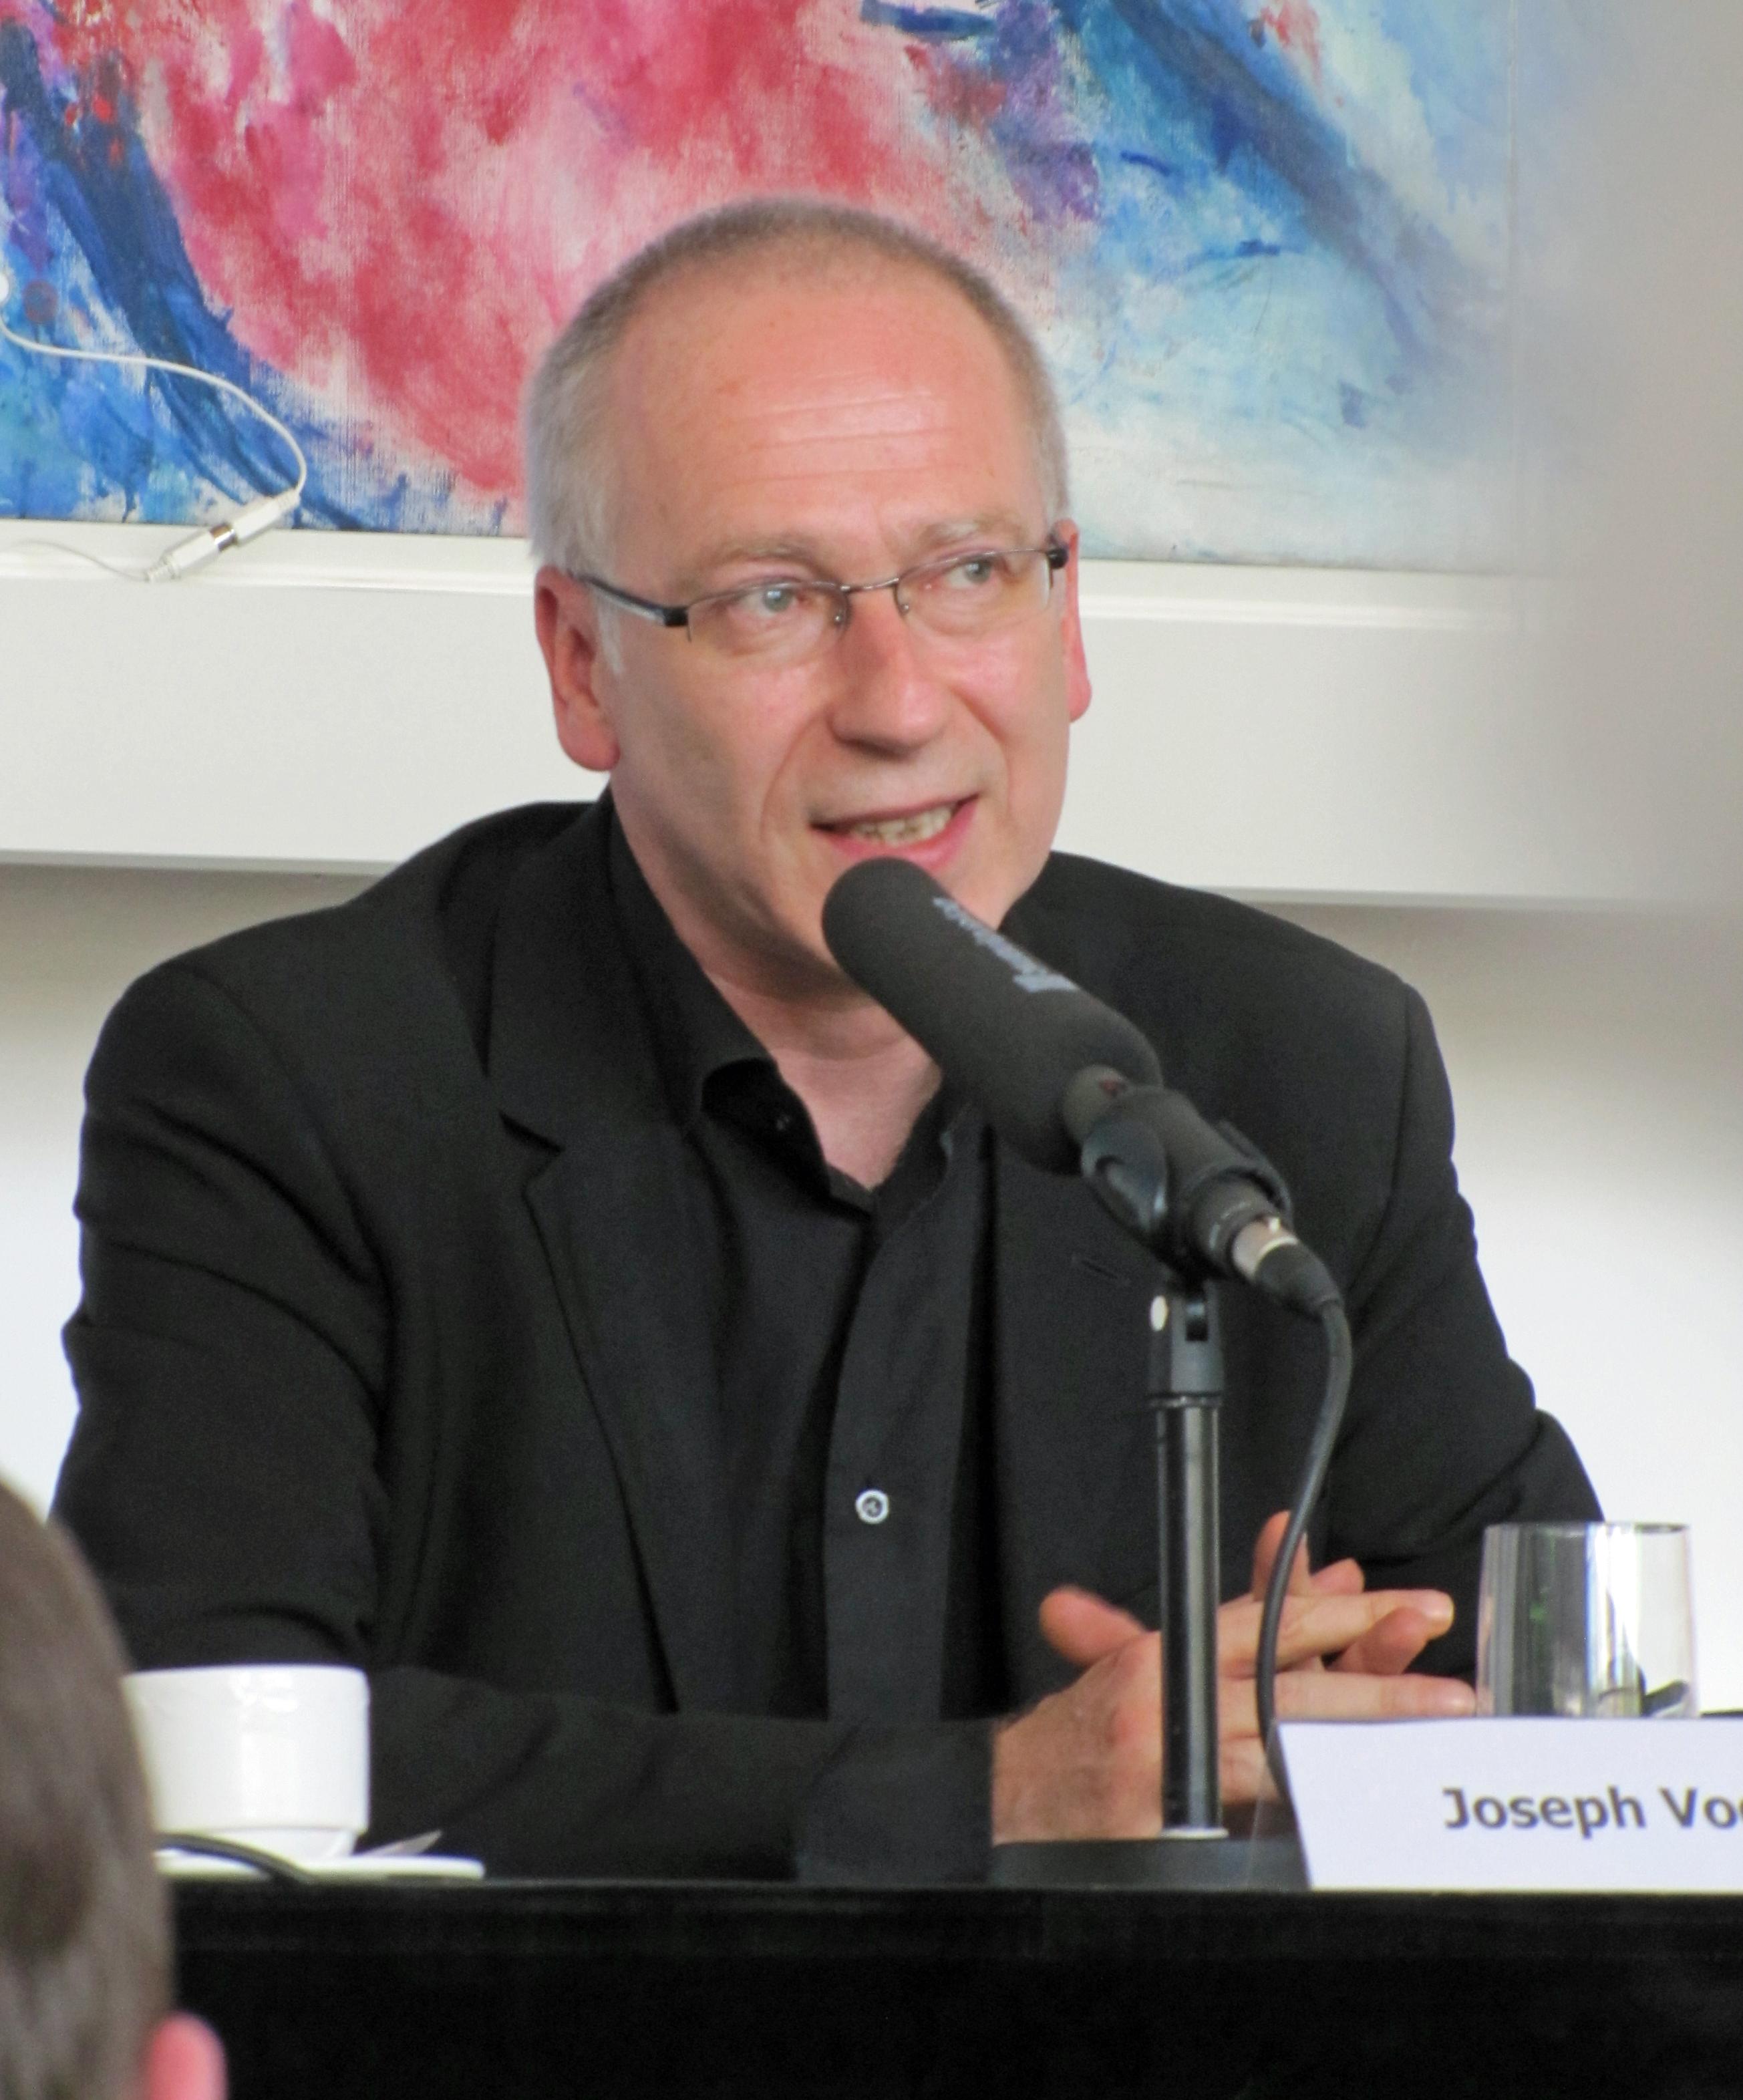 Vogl in 2012.